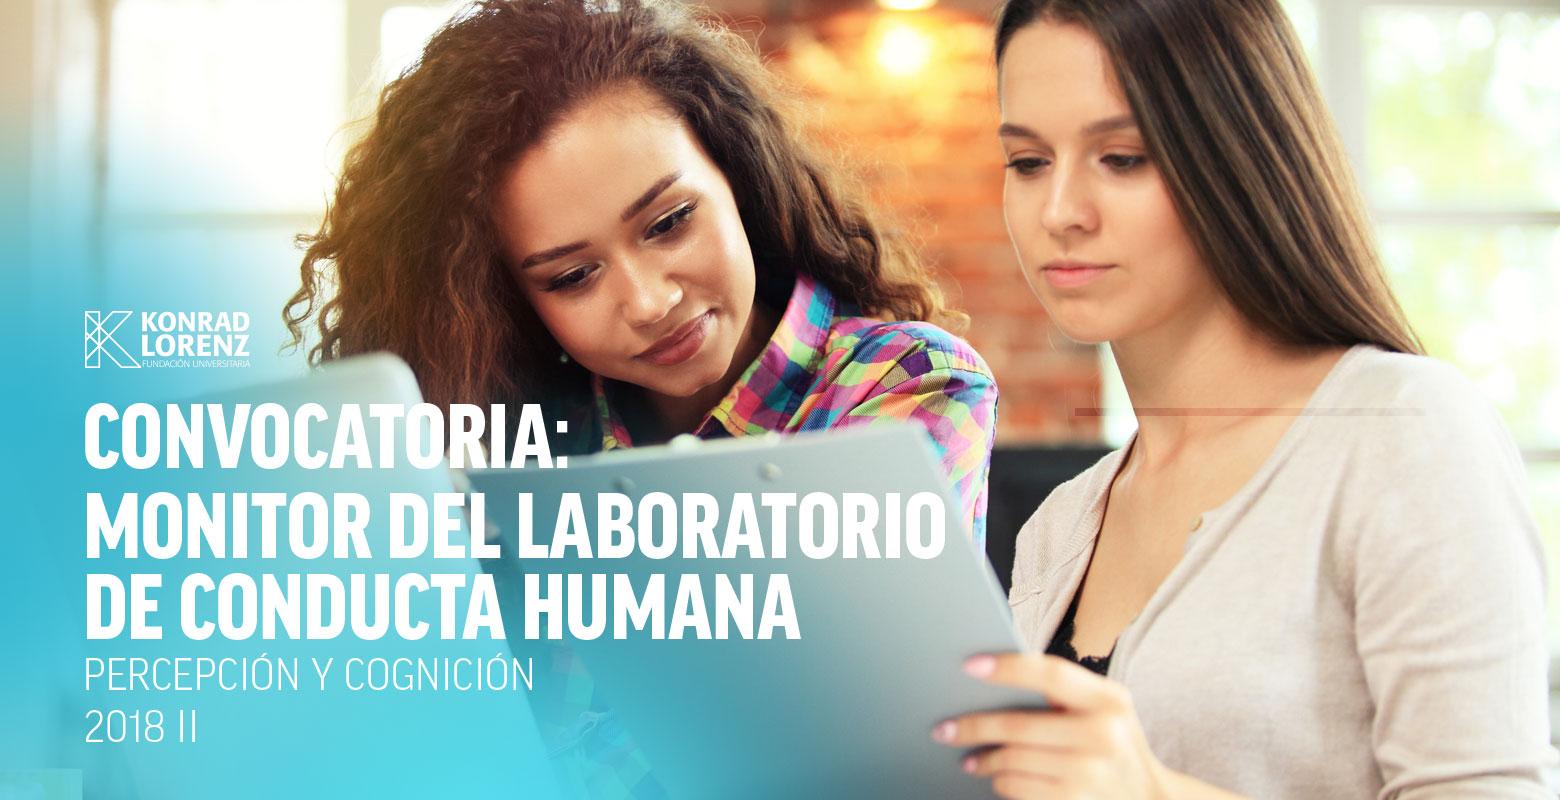 Convocatoria para Monitor del Laboratorio de Conducta Humana (Percepción y Cognición)